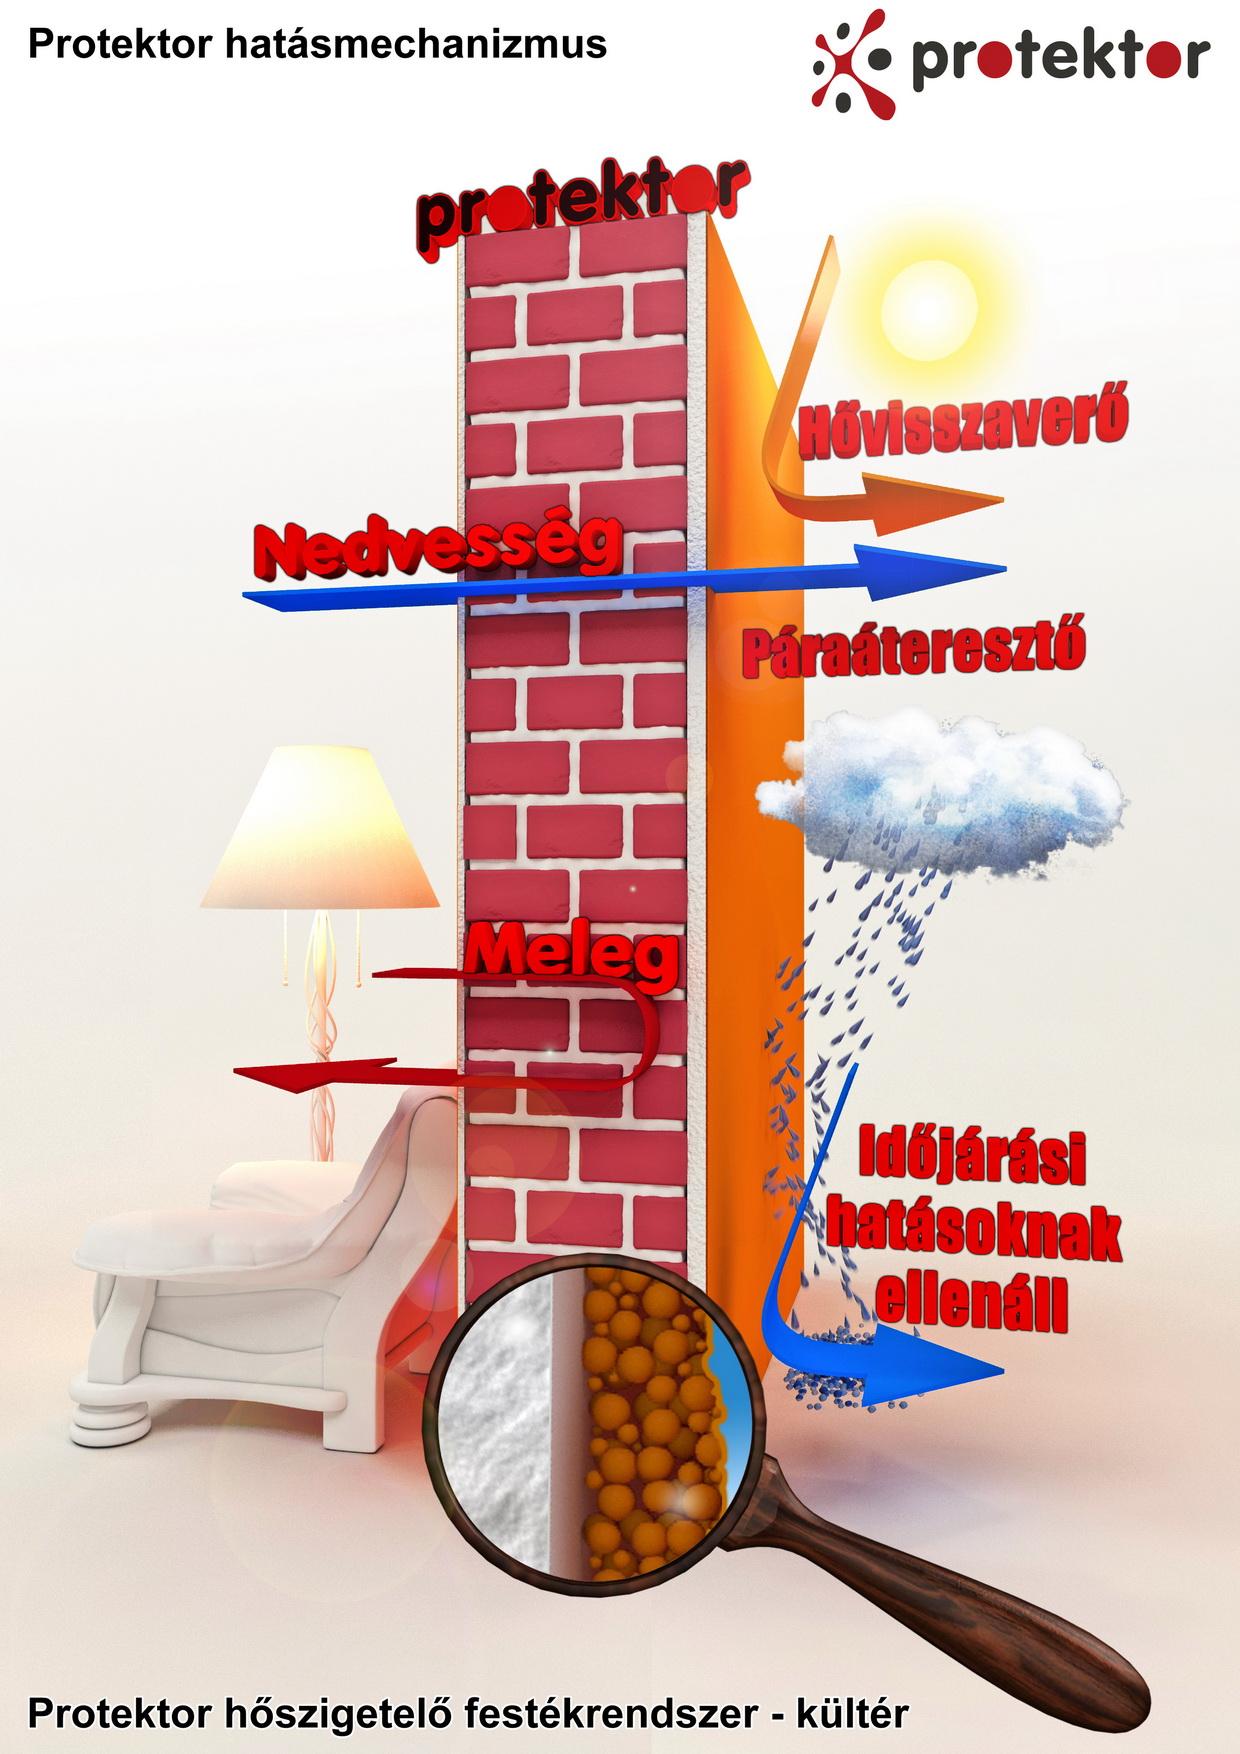 fb60d3c41f Használjon Protektor kültéri hőszigetelő festékbevonatot!